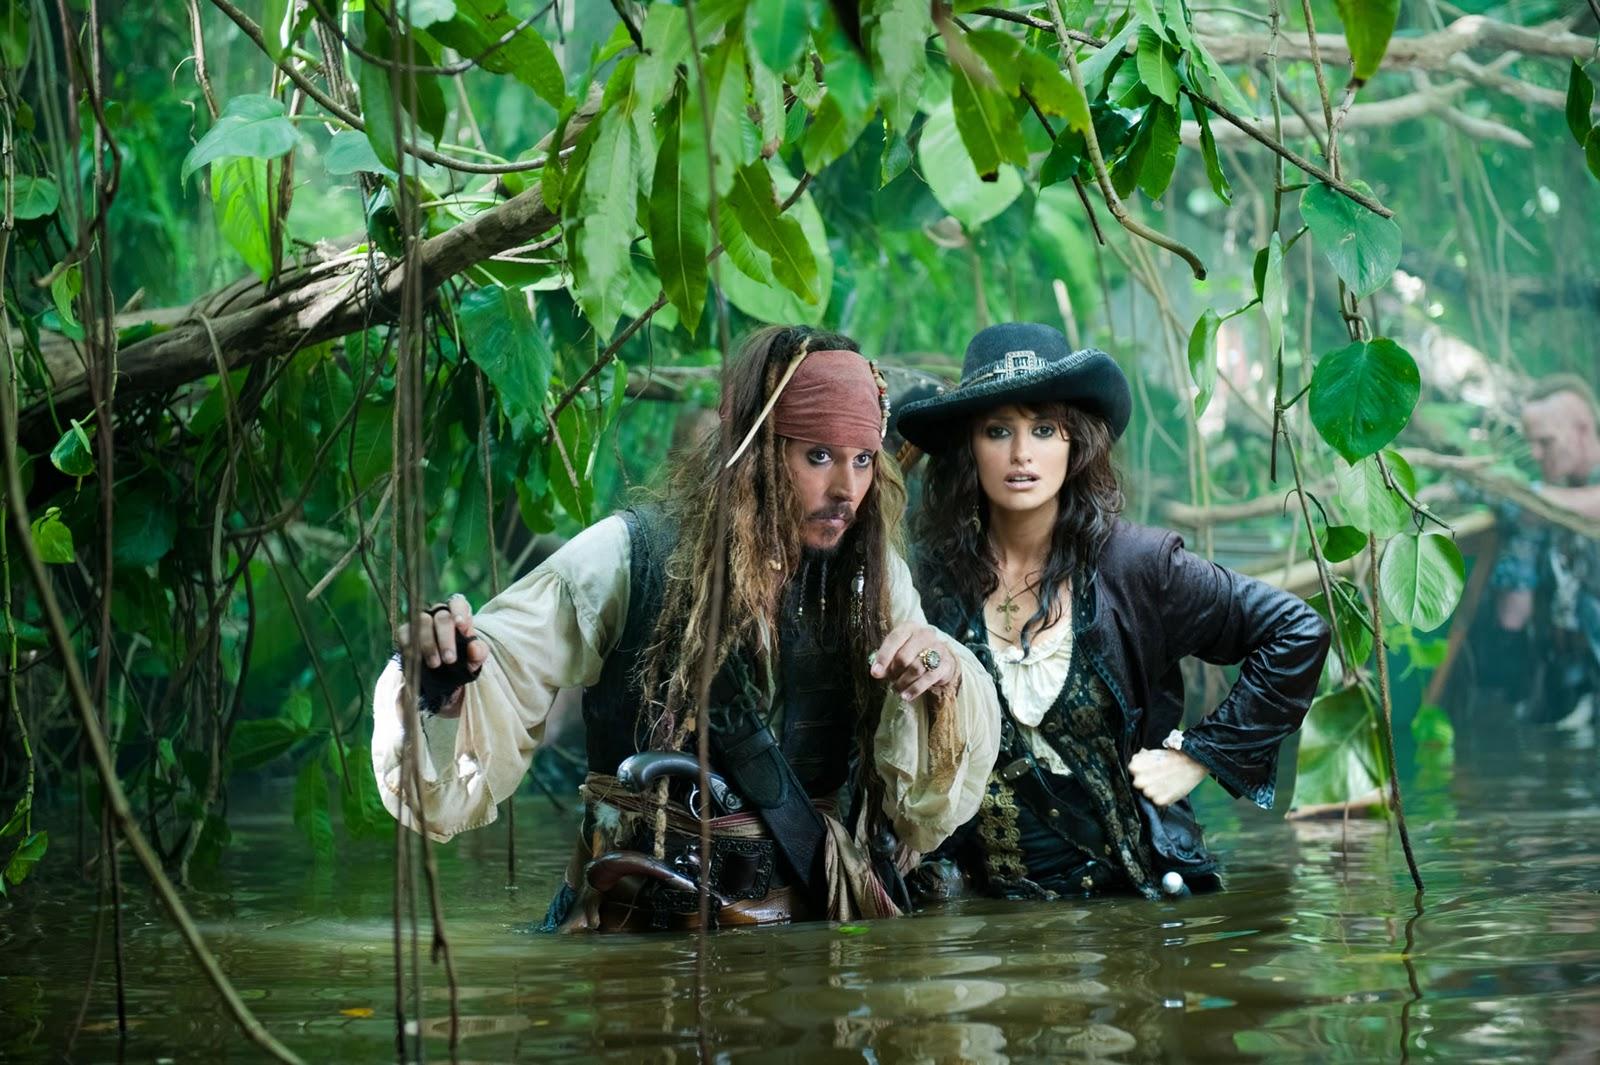 http://2.bp.blogspot.com/-DD1teICTEe4/TZUSoOO5fkI/AAAAAAAABmc/w2y6a4_Lb3Q/s1600/piratas+del+caribe4.jpg